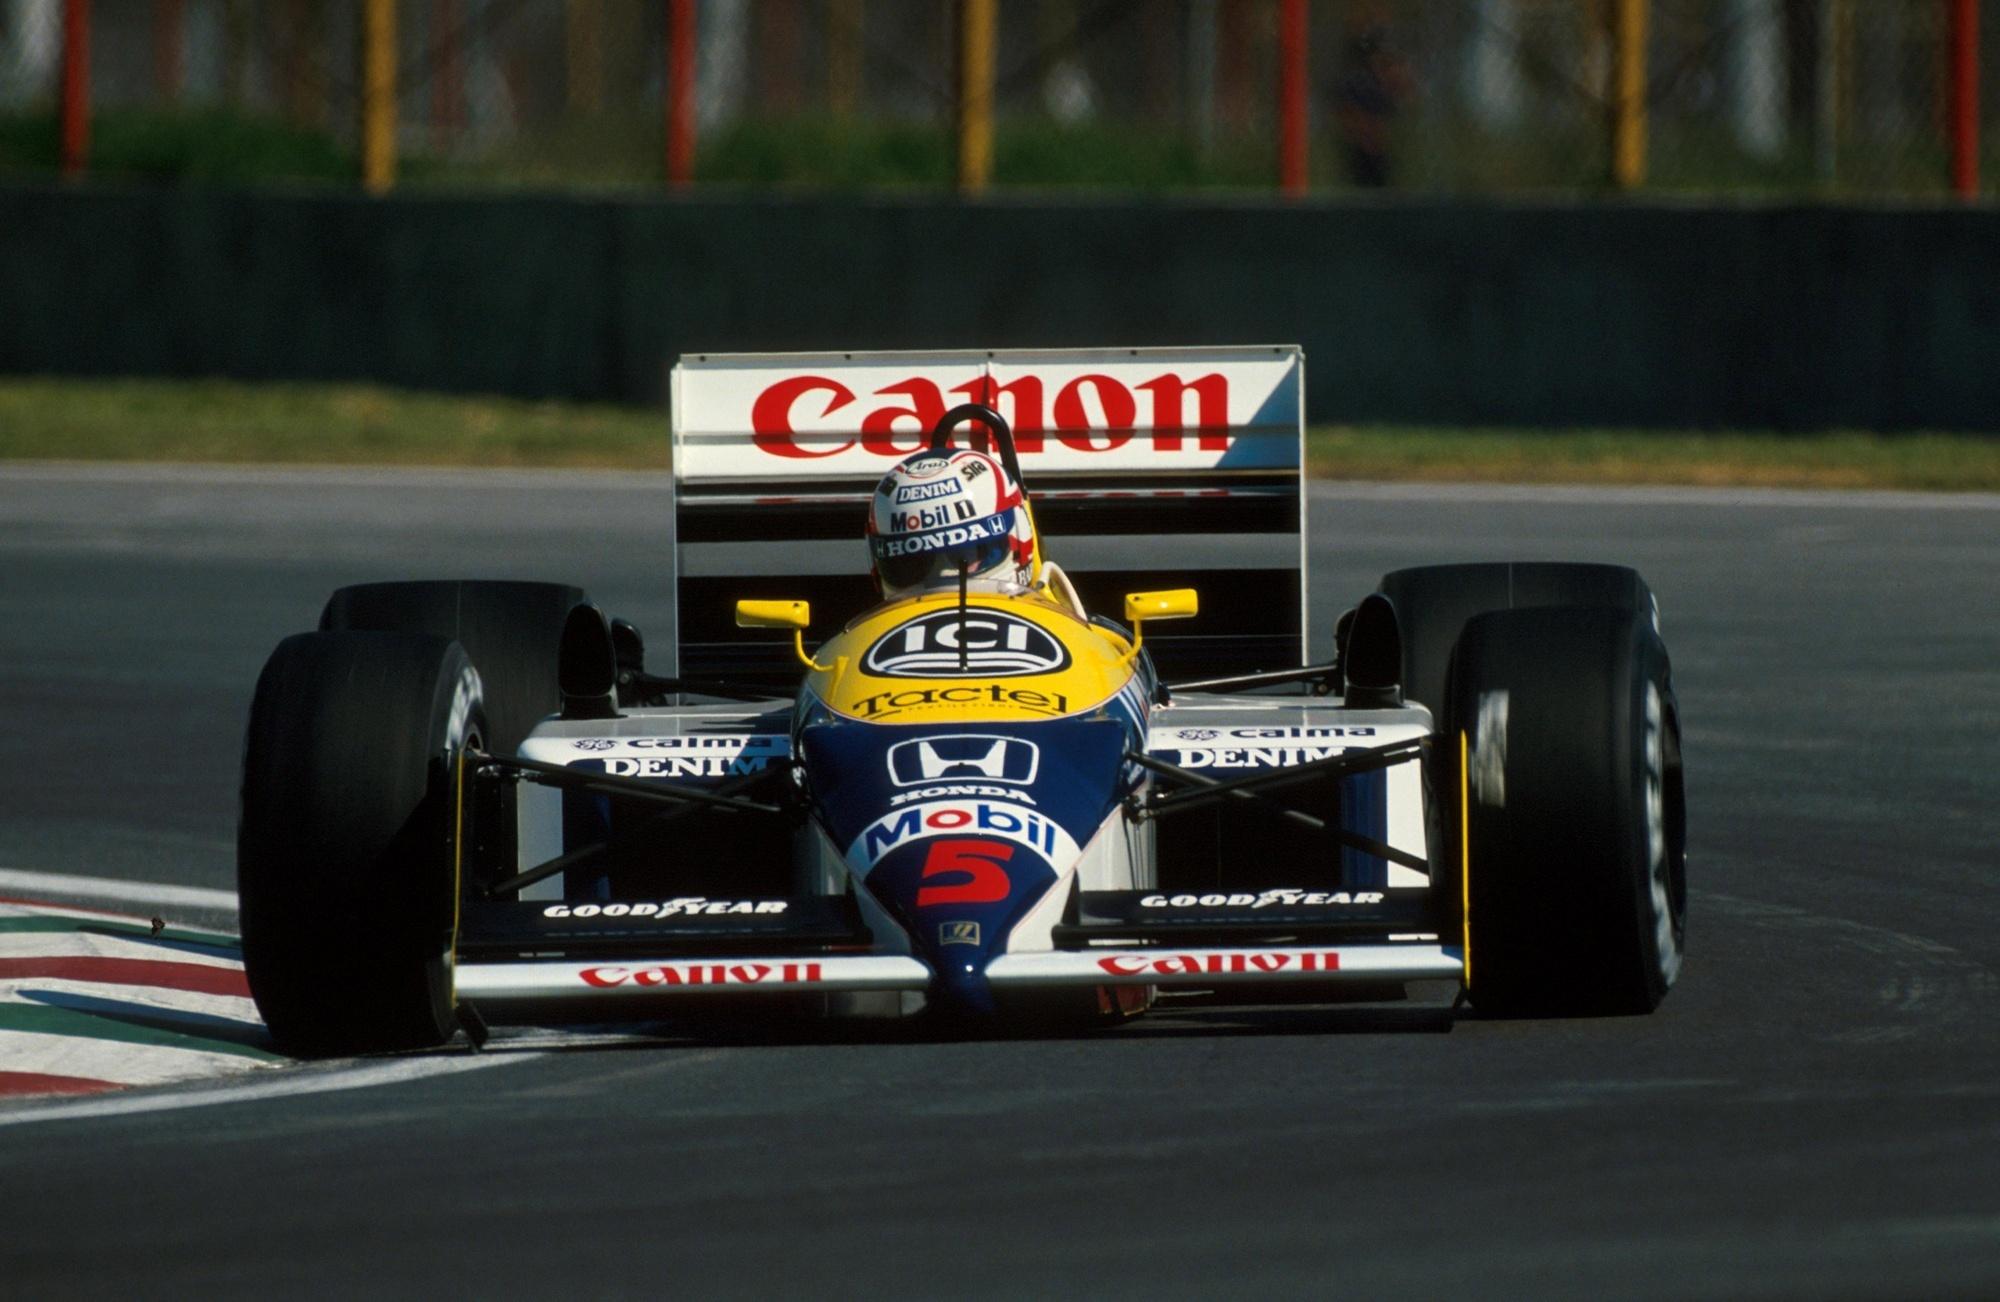 Nigel Mansell 1987 Williams FW11B